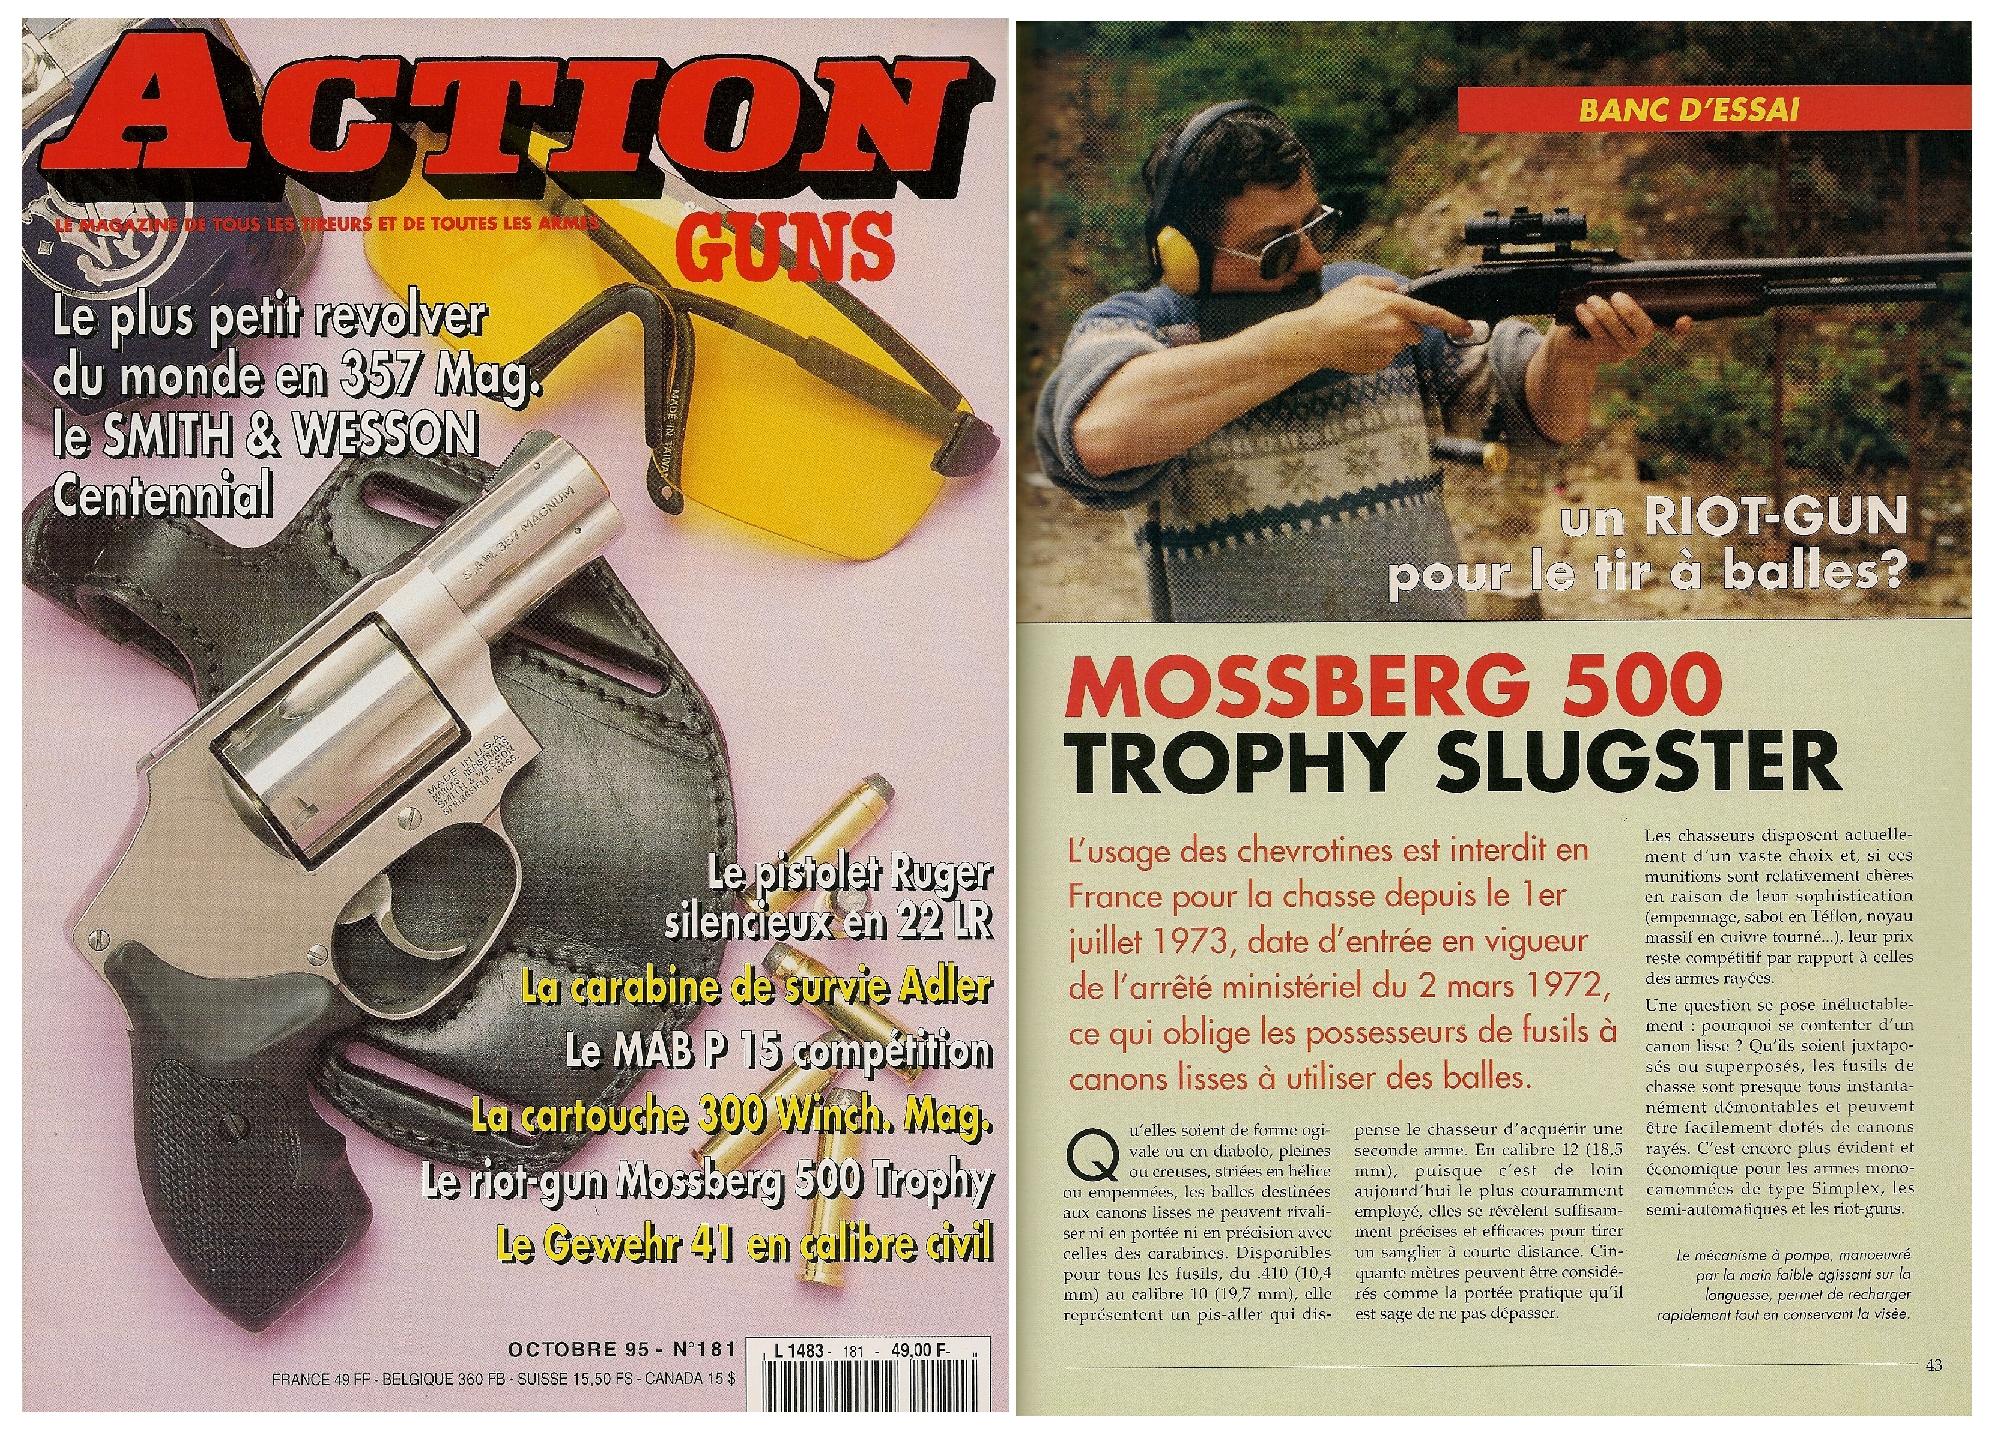 Le banc d'essai du fusil Mossberg 500 Trophy Slugster a été publié sur 5 pages dans le magazine Action Guns n°181 (octobre 1995).